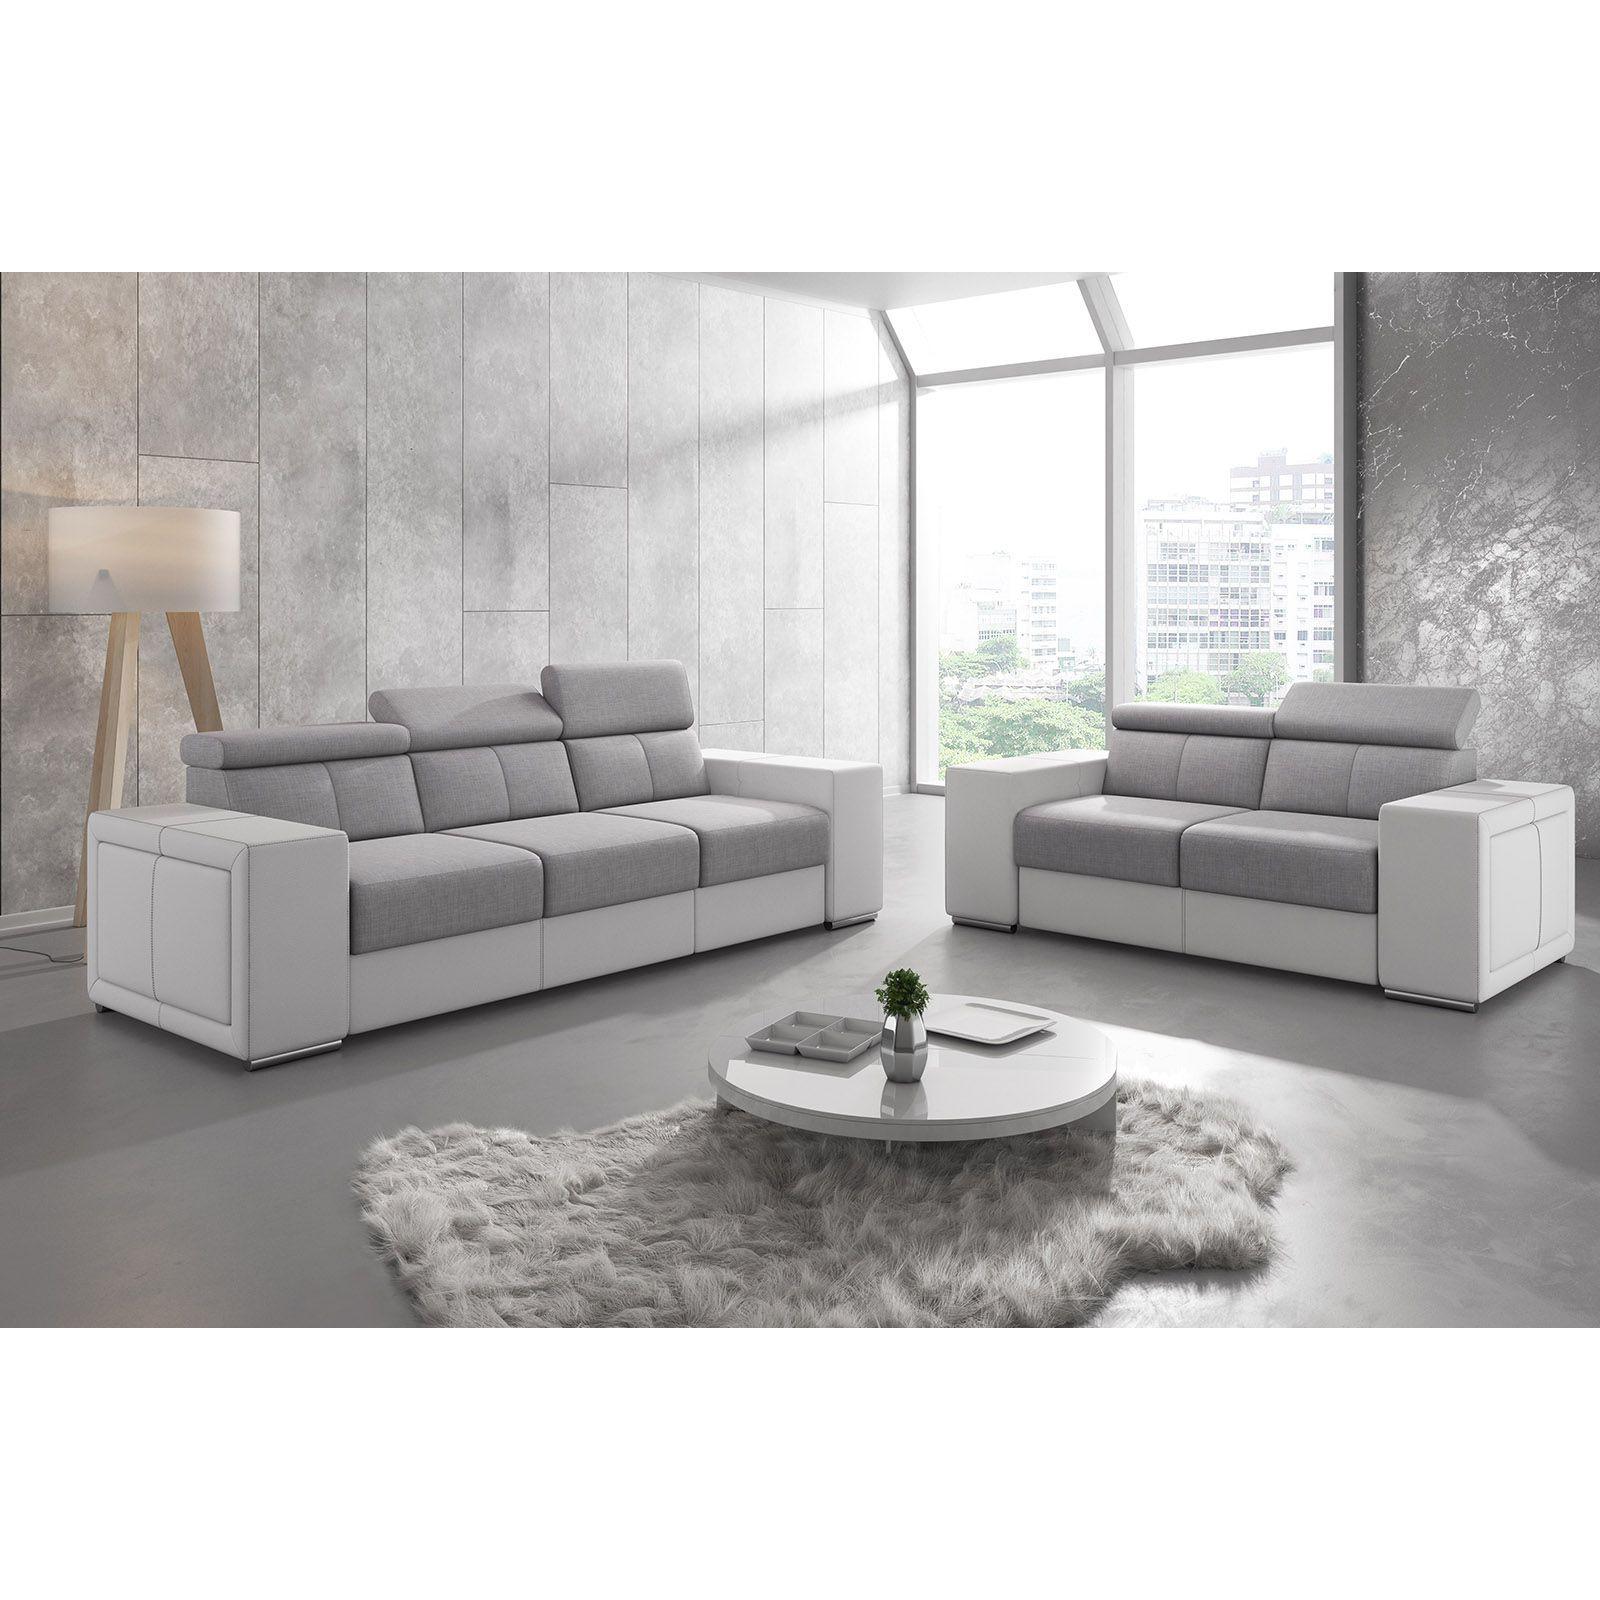 Salon Canapé moderne 3 places en tissu gris clair et